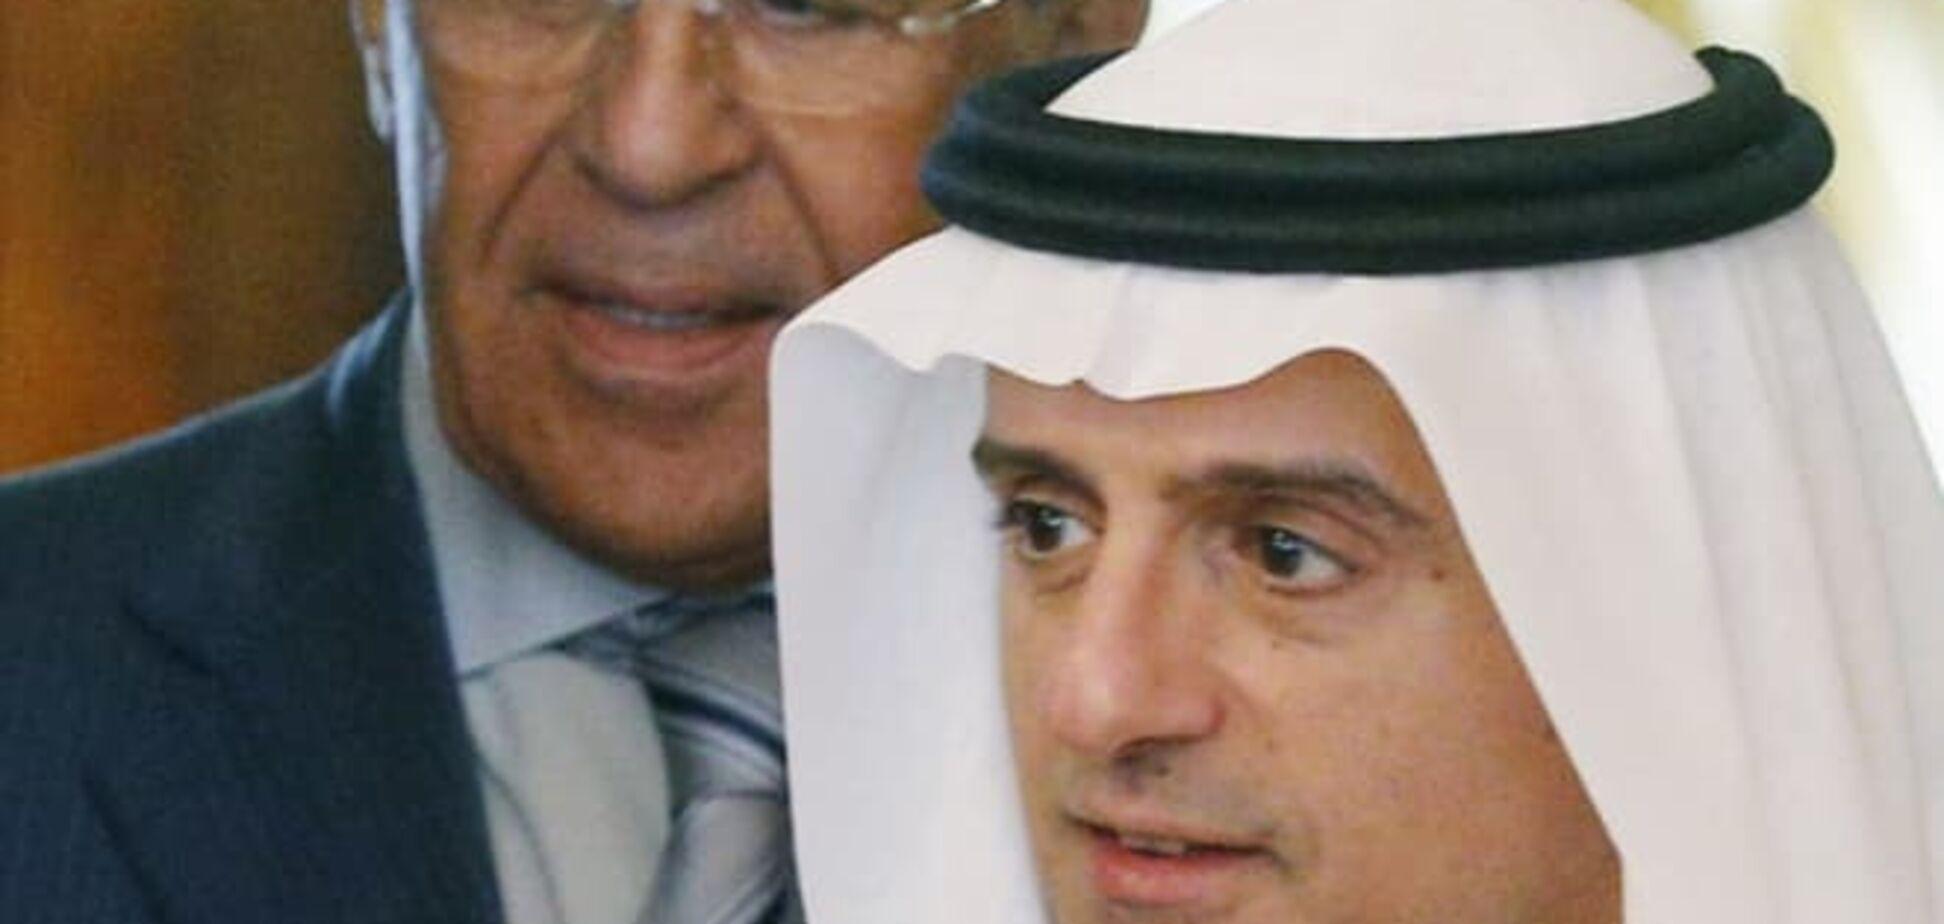 Лавров обізвав дебілом голову МЗС Саудівської Аравії: відеофакт